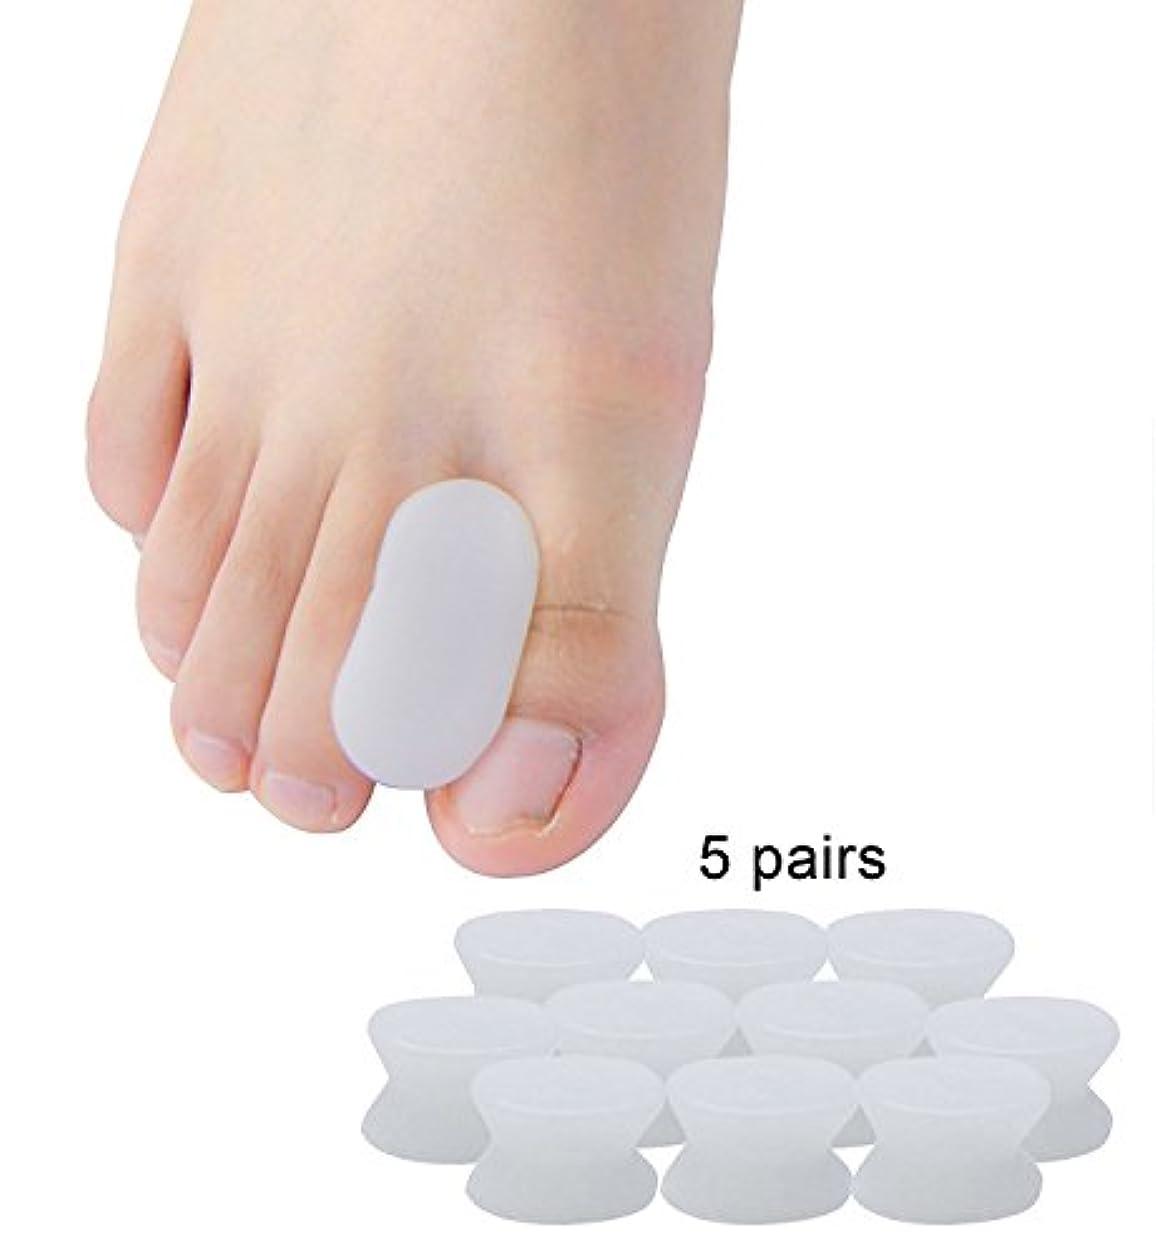 列挙する求める楽なPovihome 外反母趾 サポーター, 足指セパレーター,バニオン 5ペア 足指衝撃ストッパー, 柔らかゲルでやさしくサ (S)